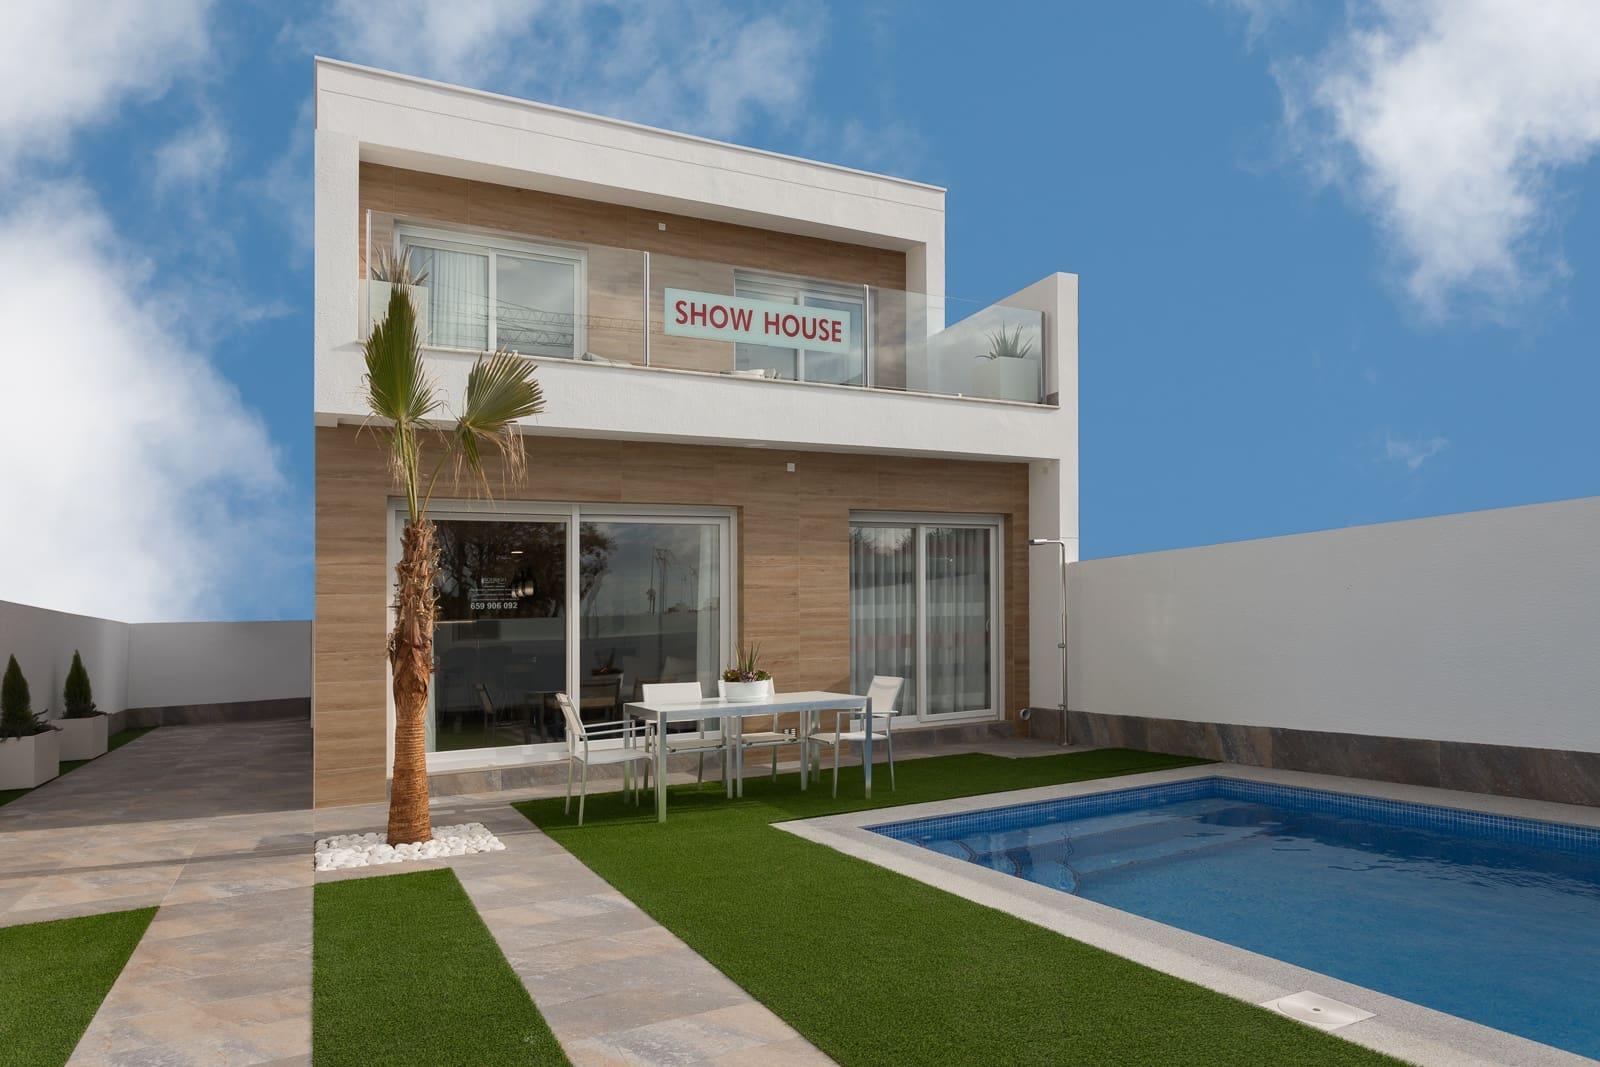 Chalet de 3 habitaciones en Pilar de la Horadada en venta con piscina - 283.000 € (Ref: 4799792)